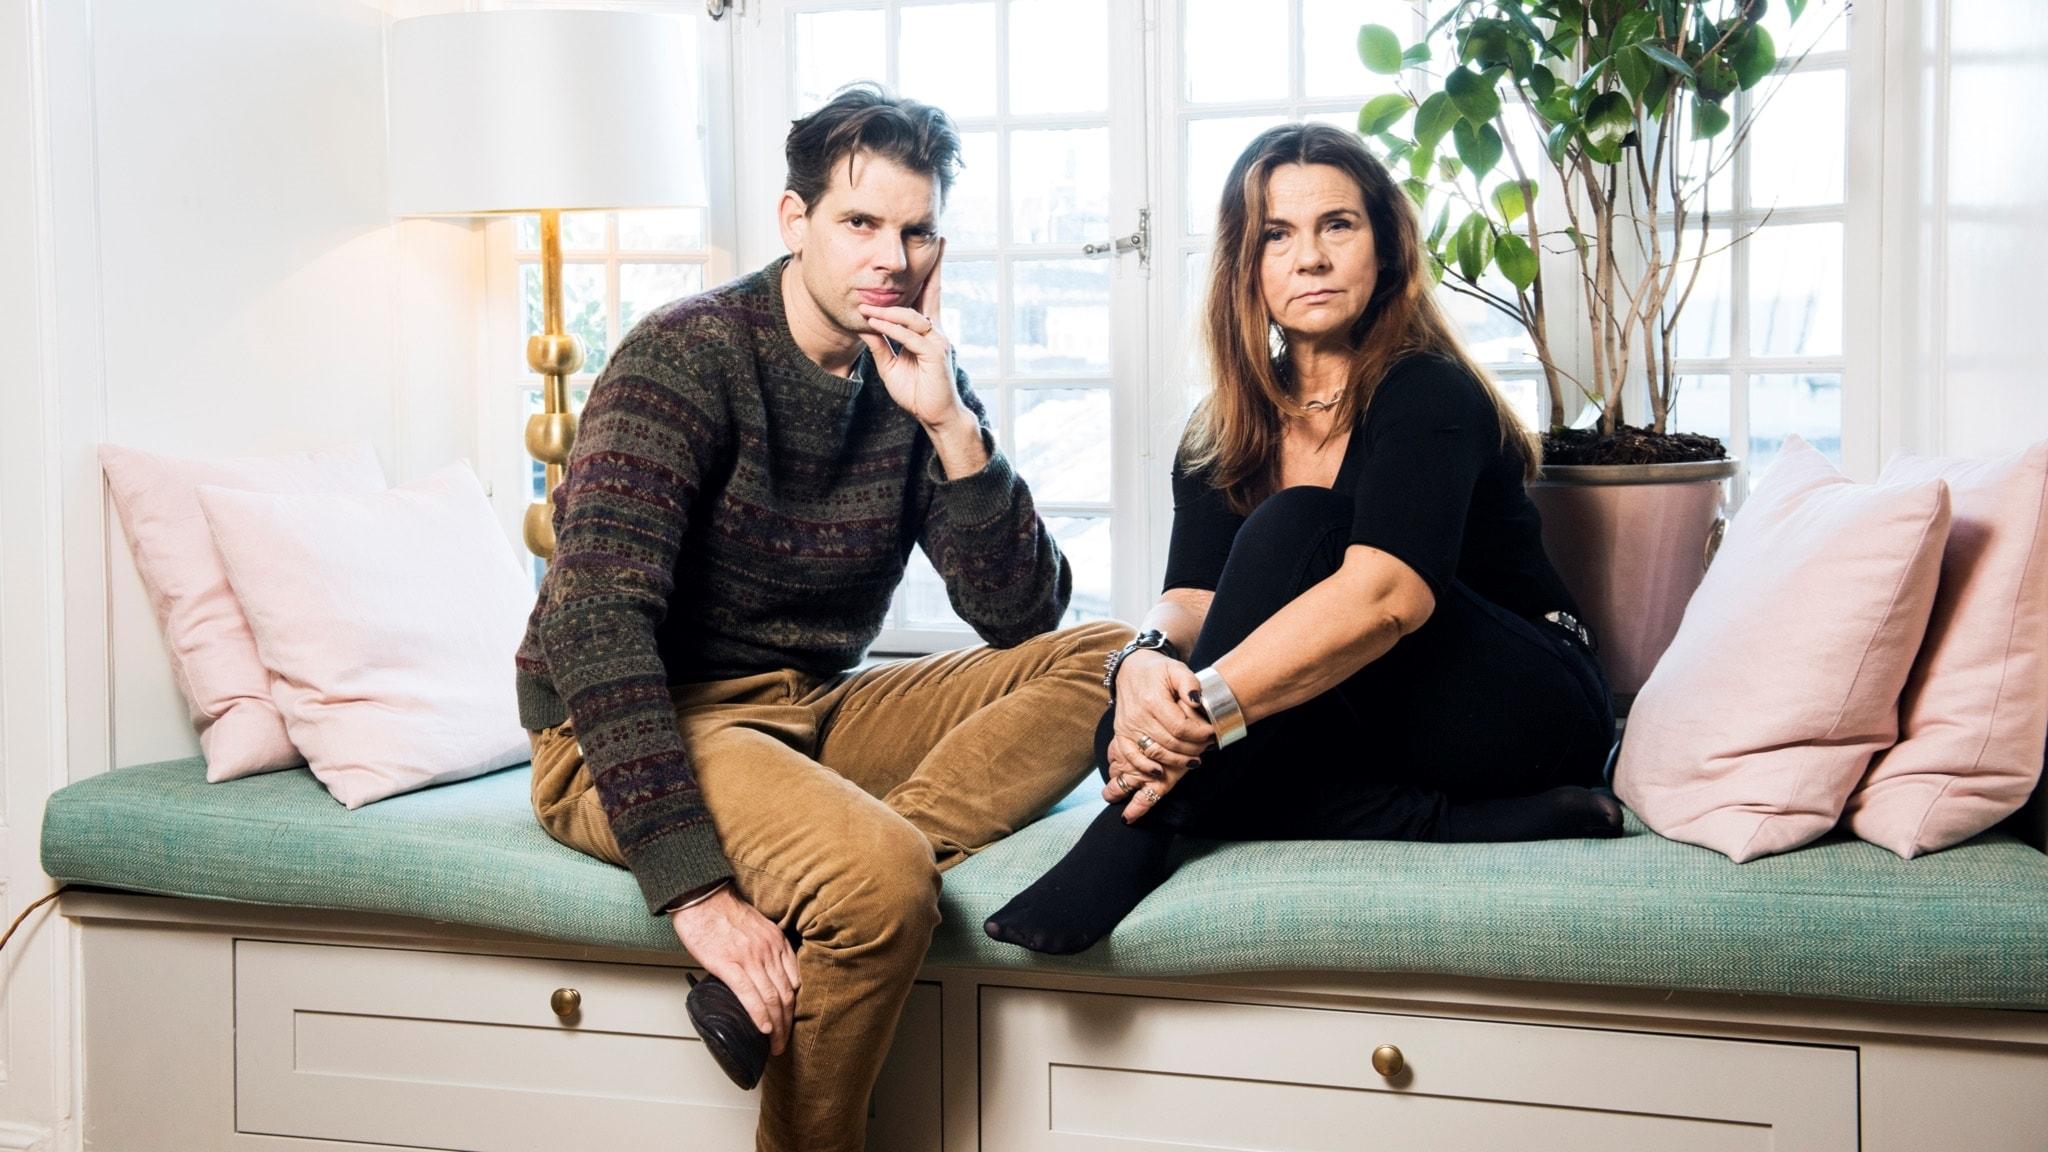 Katarina Hahr möter författaren och skribenten Alex Schulman i ett samtal om rädsla